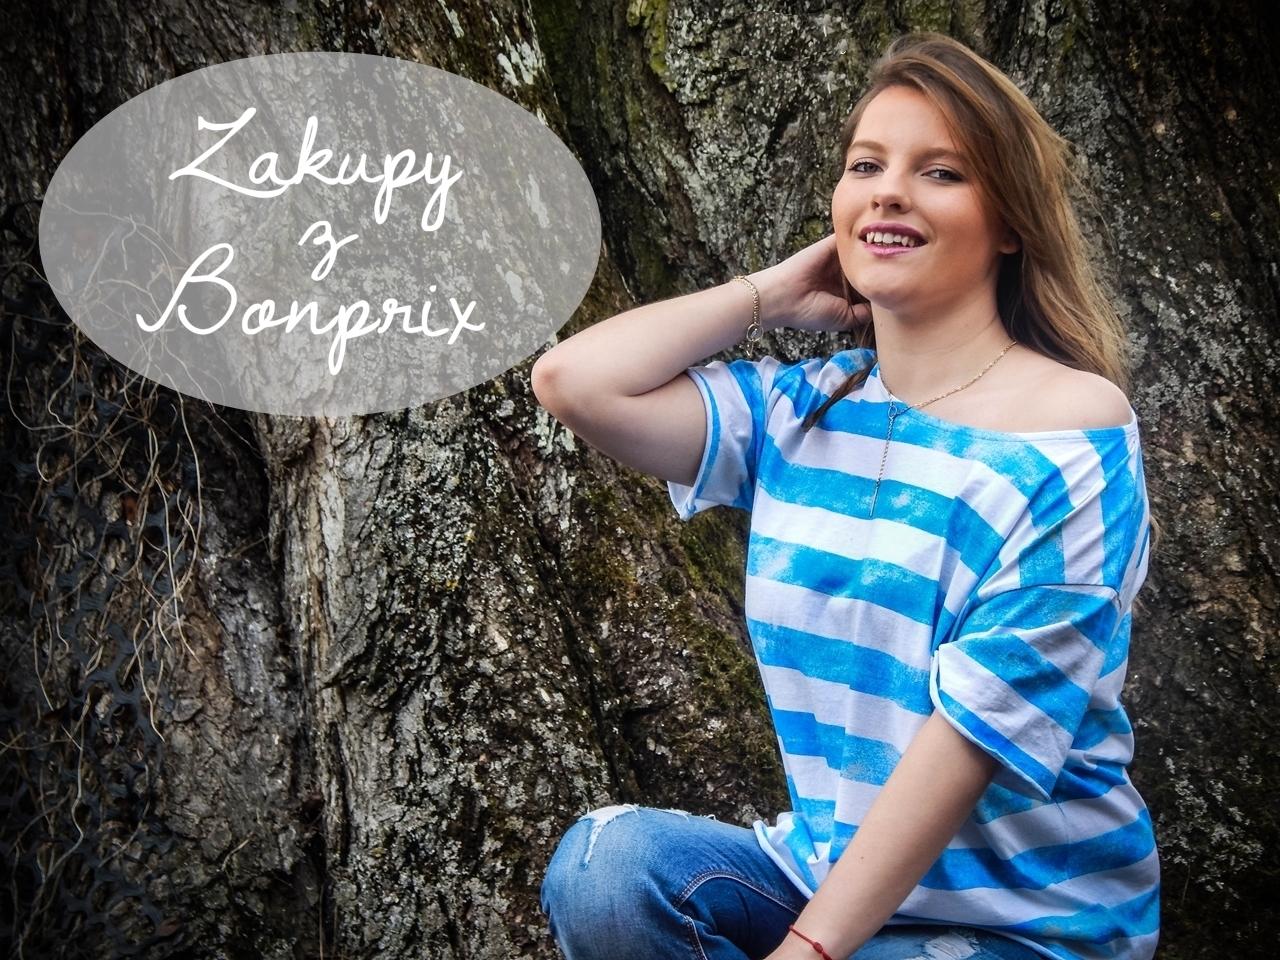 naglowek haul zakupy bonprix bluzka w paski ubrania dziewczyna fashion style moda